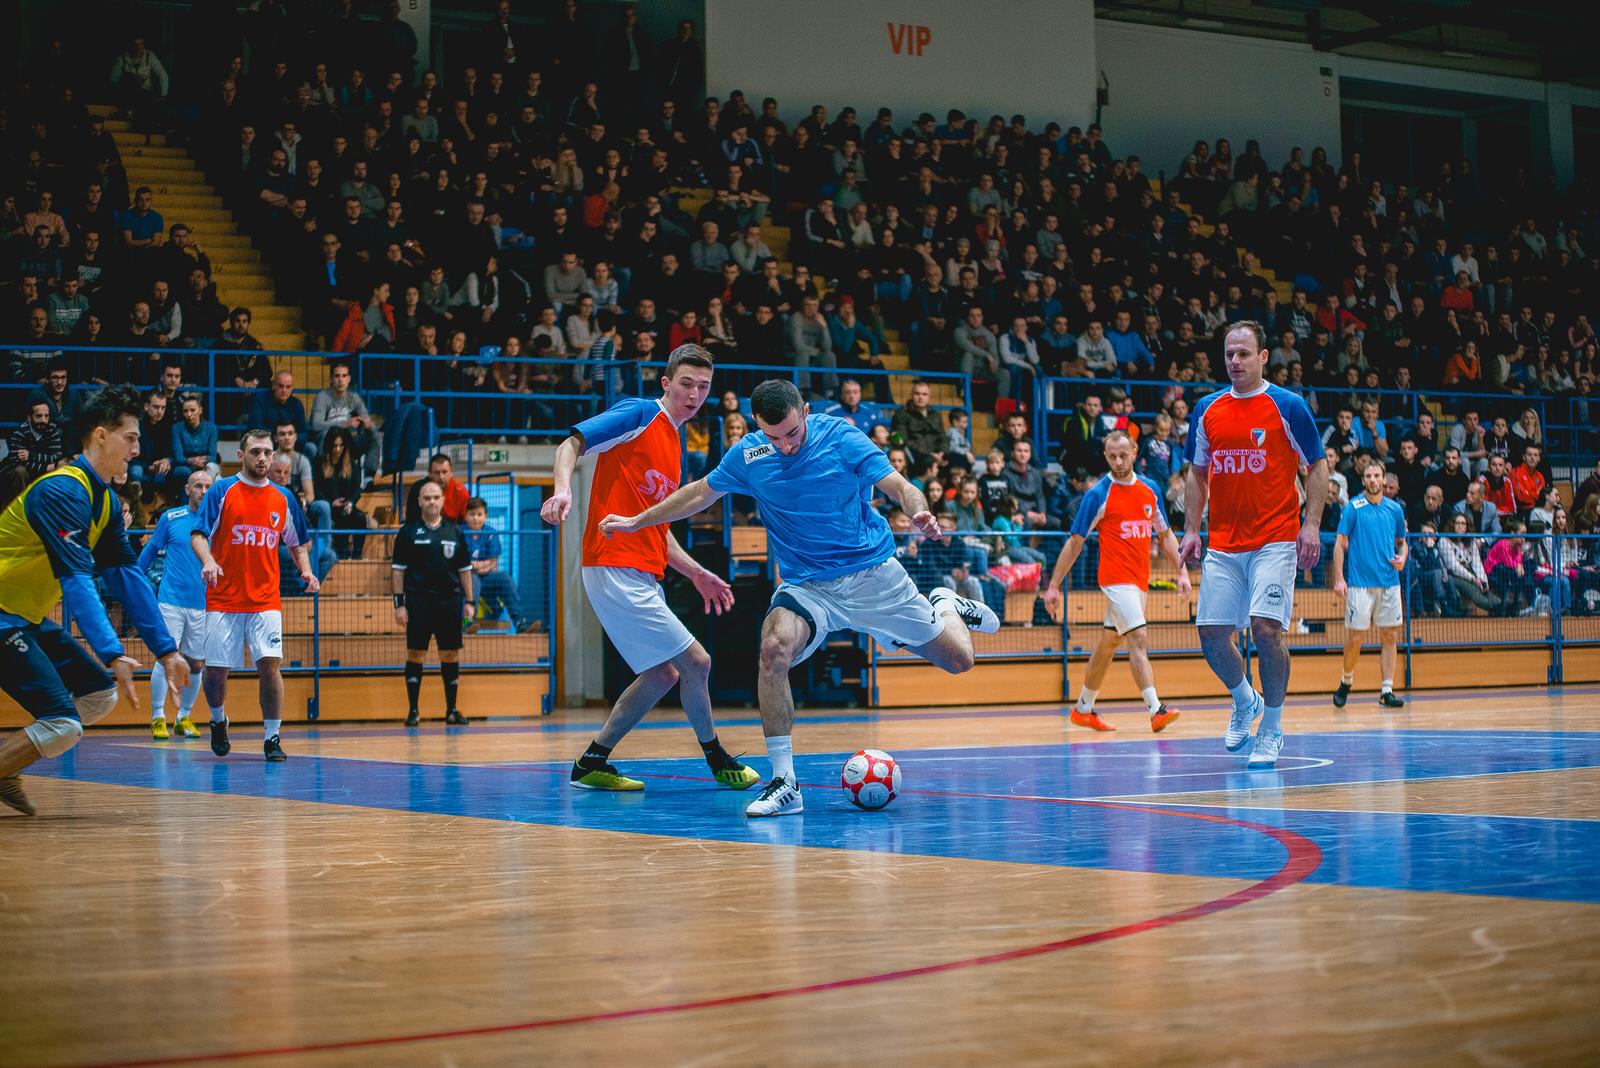 likaclub_gospić_zimski-malonogometni-turnir-2018-19-68